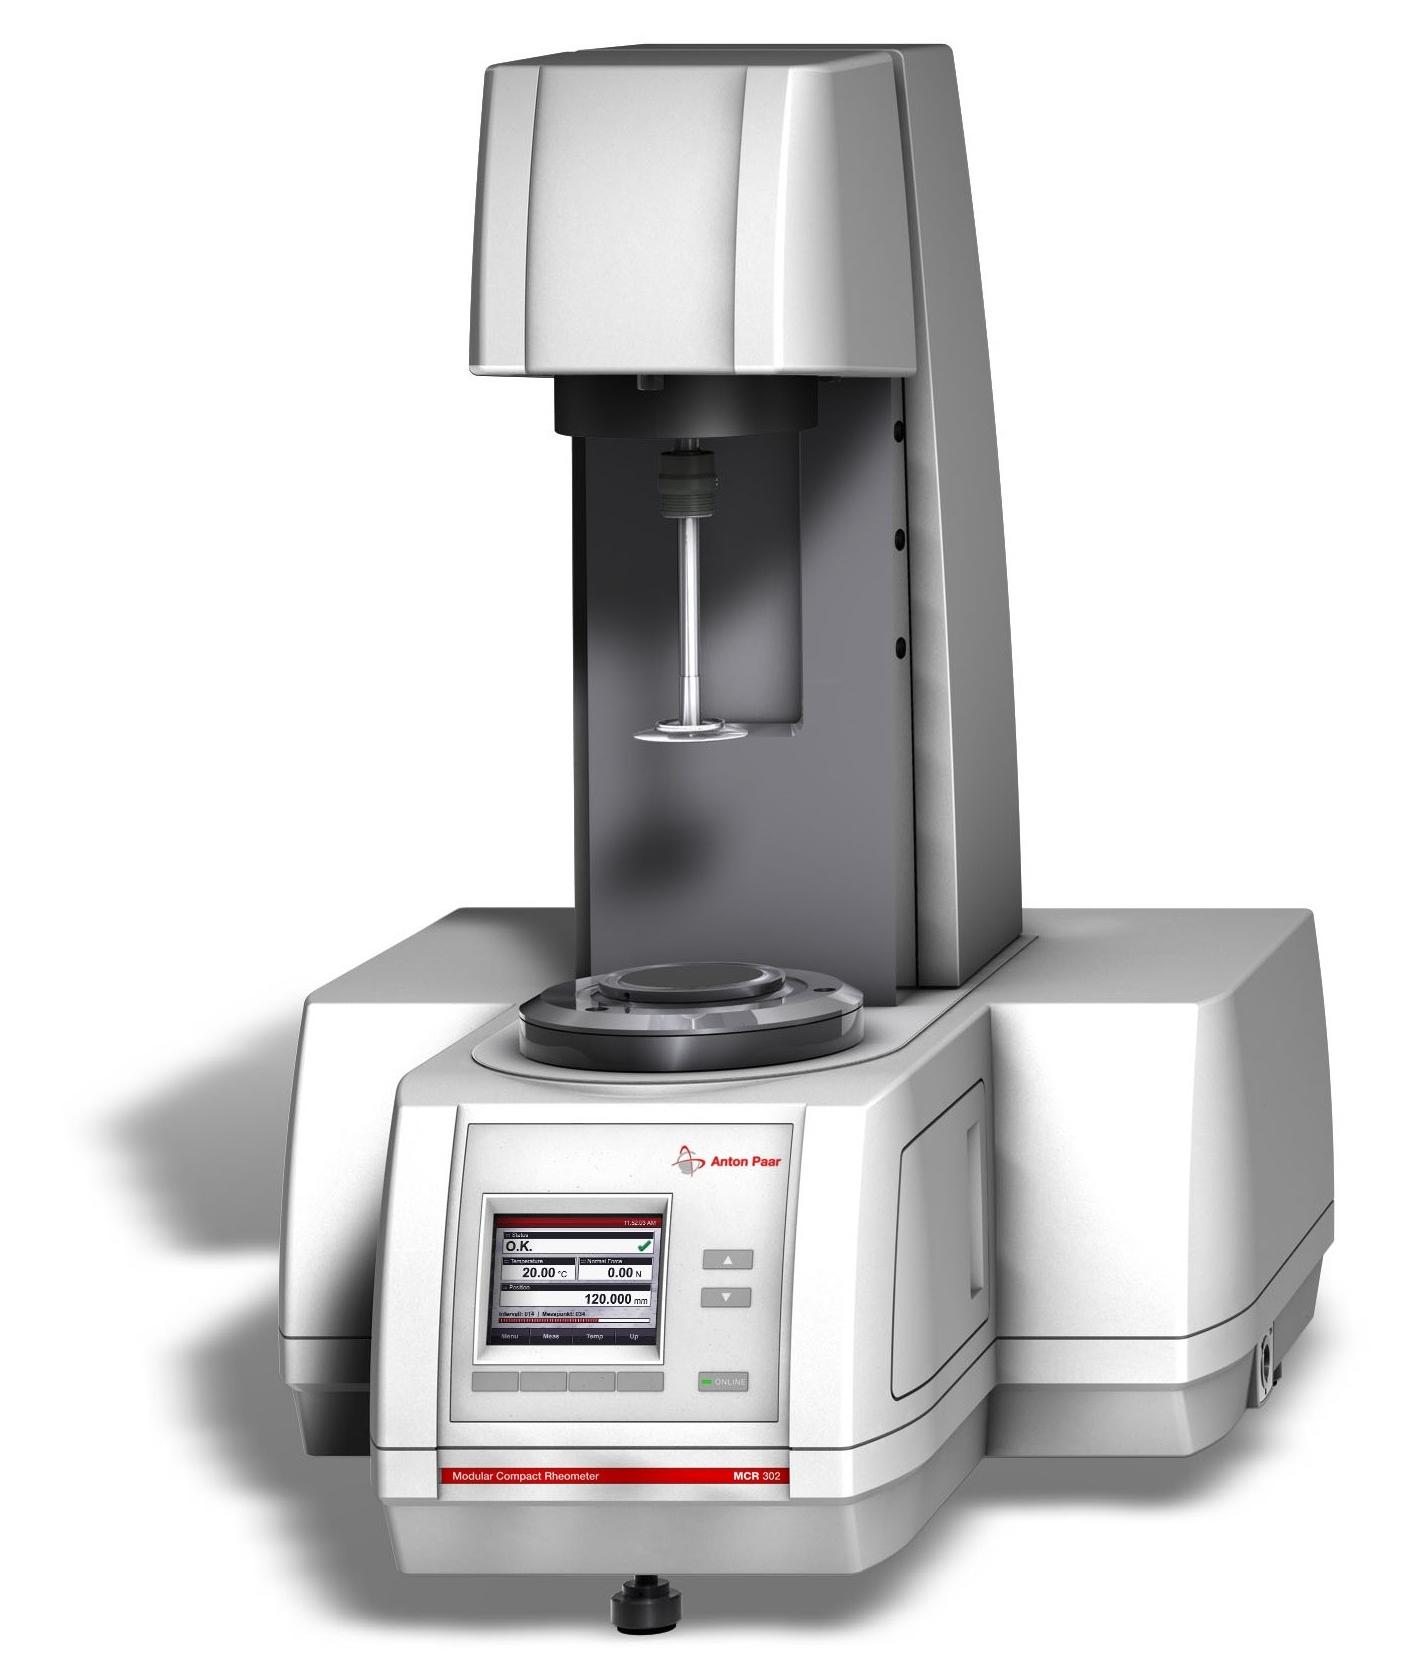 Anton Paar MCR 302 Rheometer